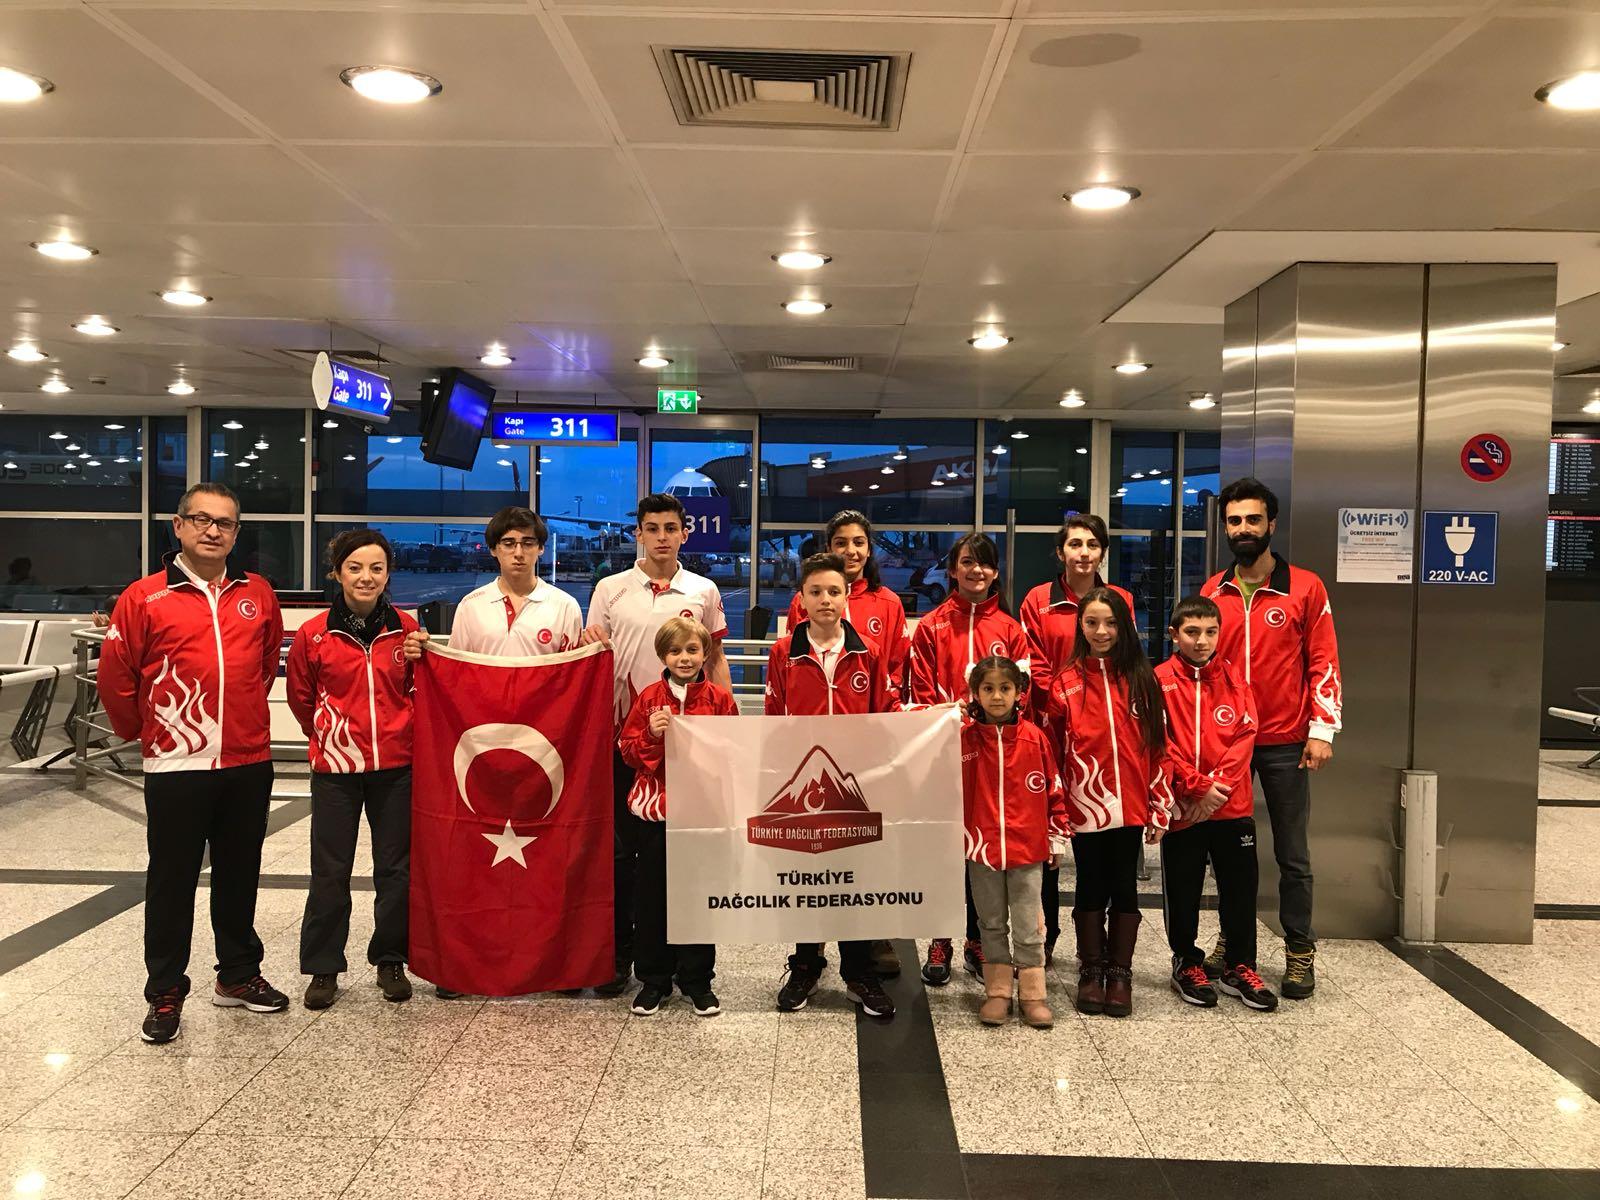 TDF Spor Tırmanış Milli Takımı Balkan Şampiyonasına katılmak üzere yola çıktı.